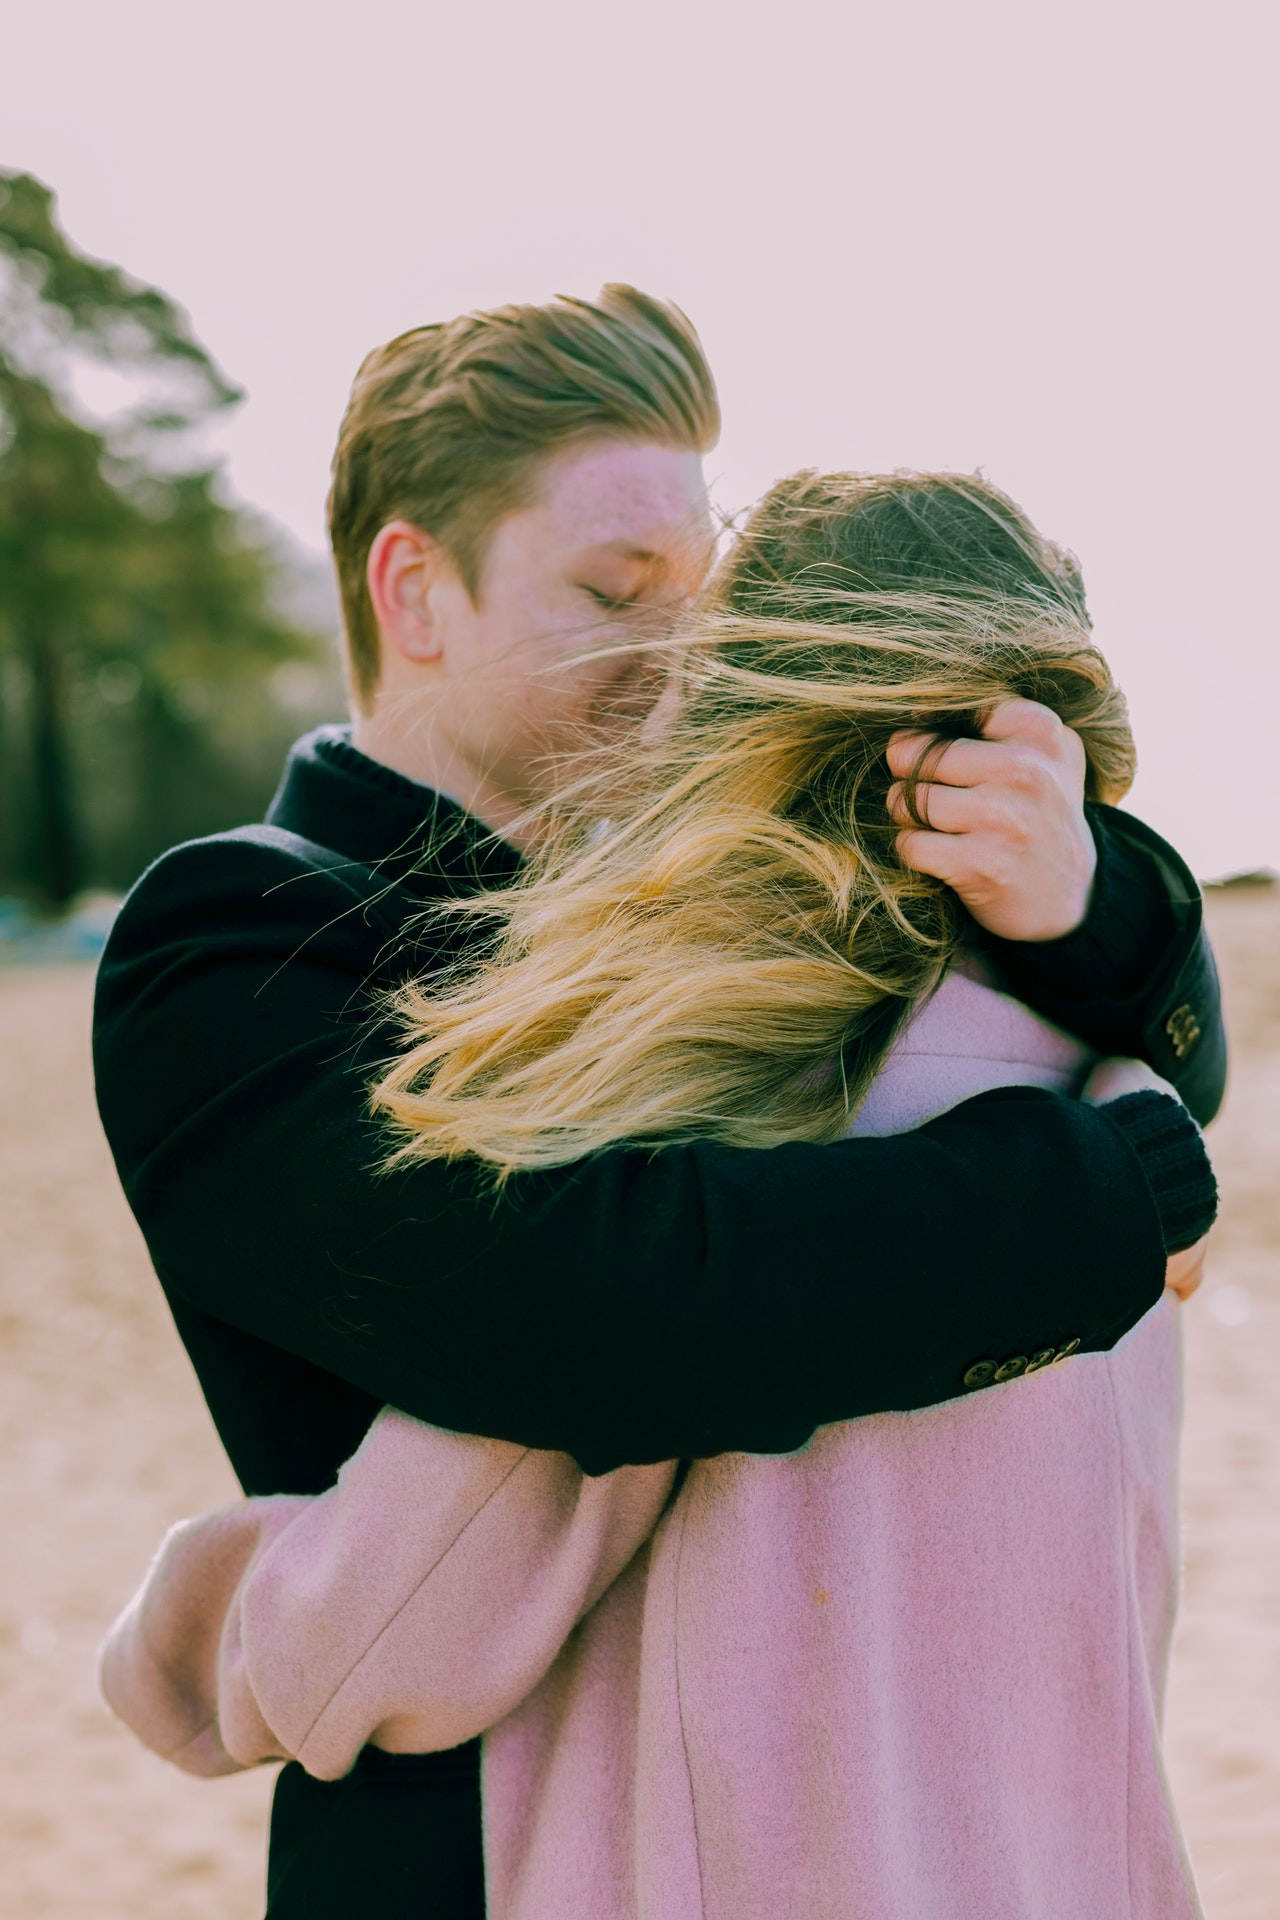 zašto zatvaramo oči dok se ljubimo